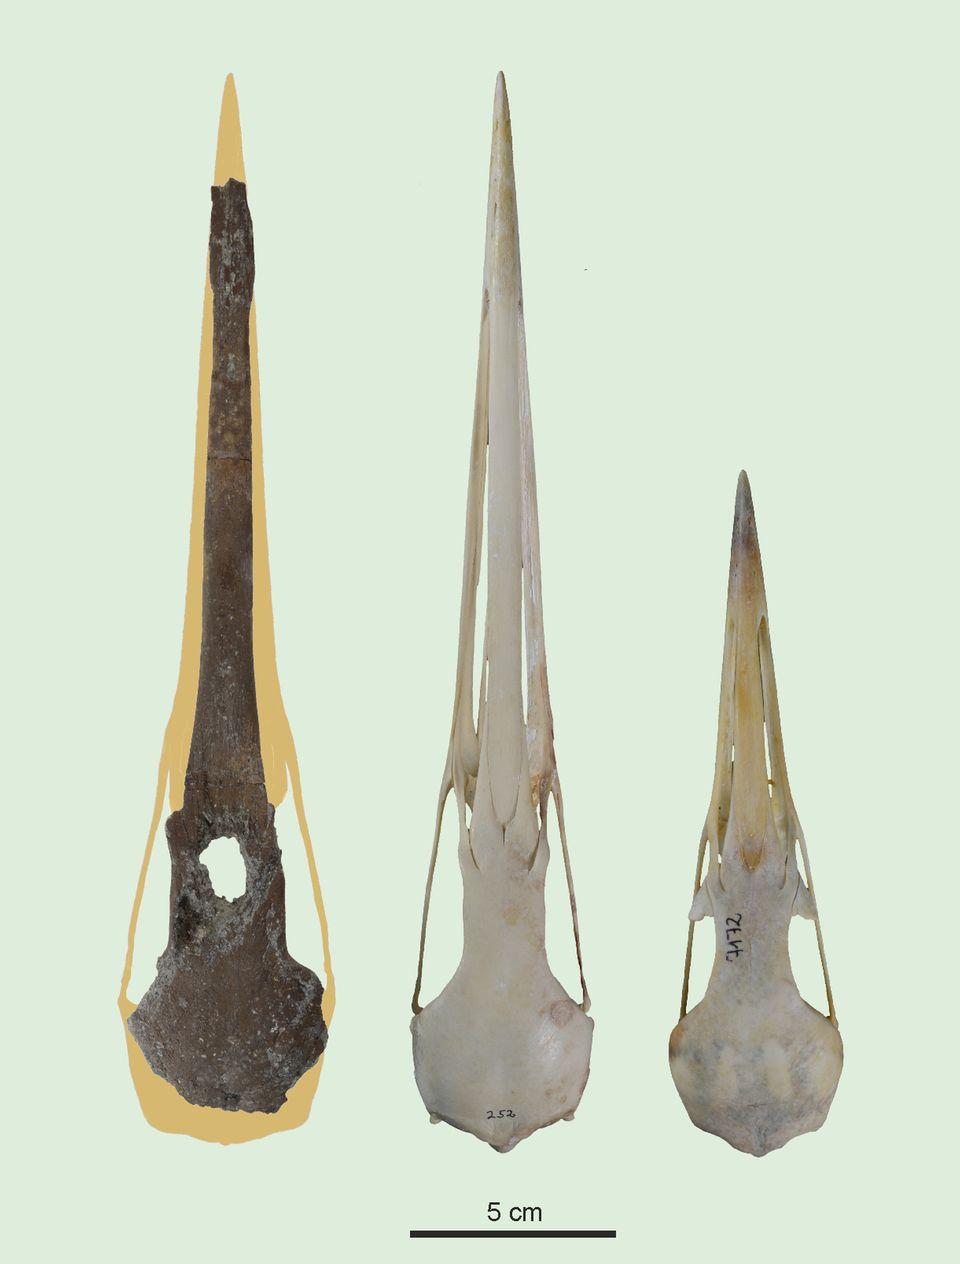 Schädel im Vergleich: Kranich aus der Fossilfundstelle Hammerschmiede (l), Sibirischer Kranich (M) und Eurasischer Kranich.